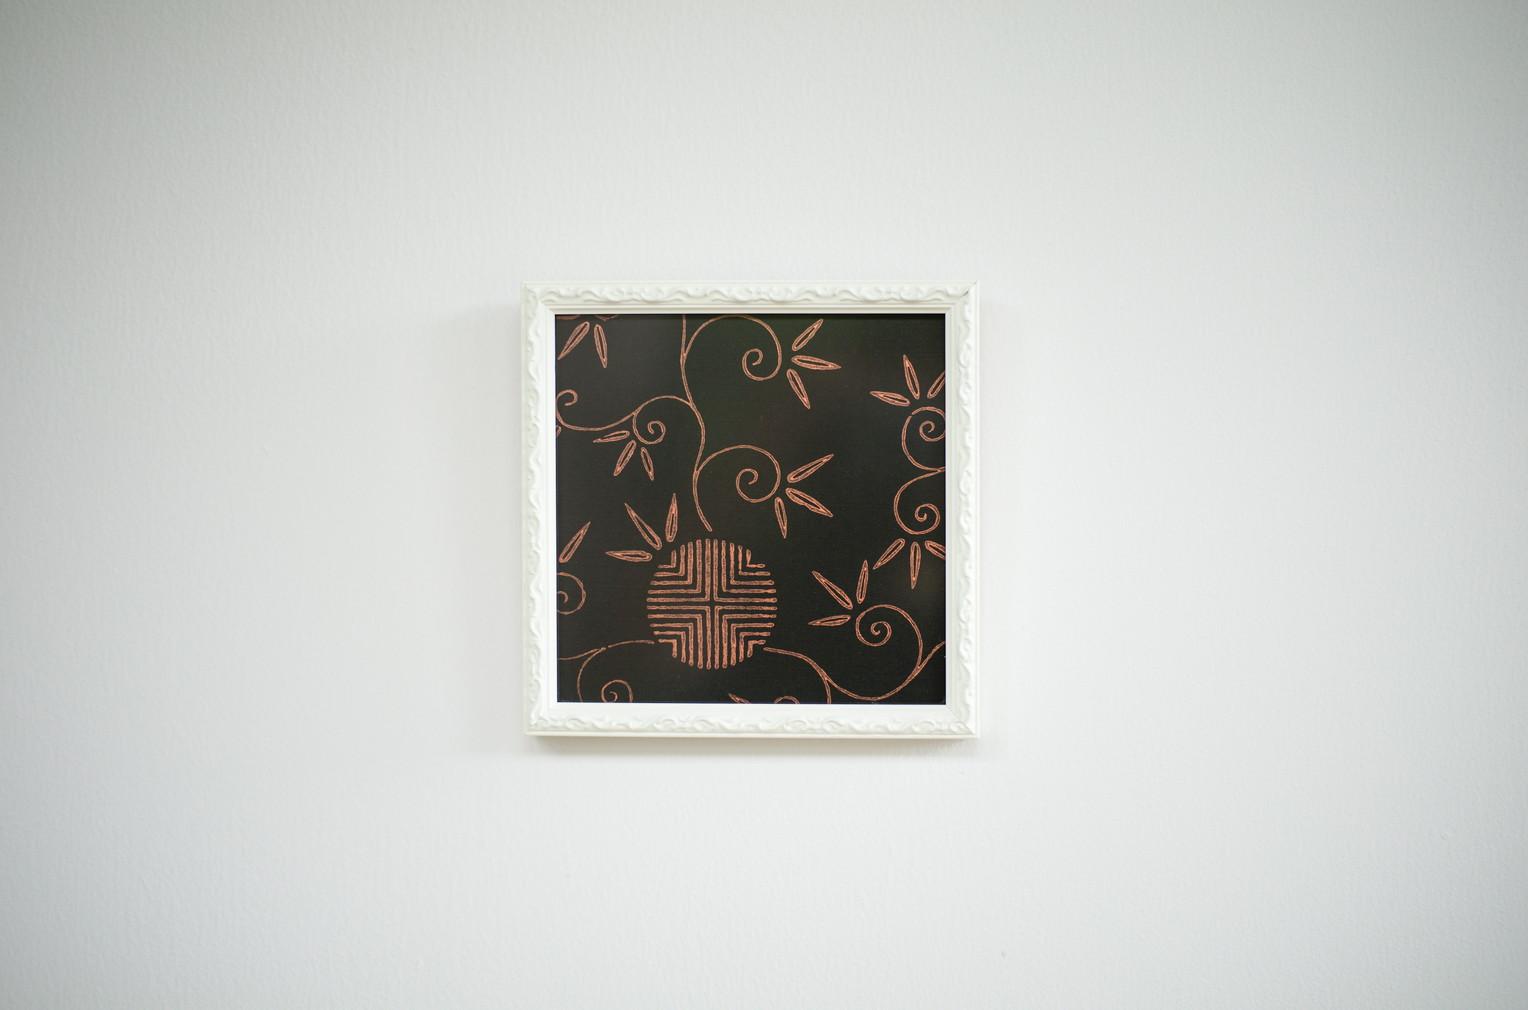 kira額(アートパネル)/松竹梅唐草(0122)